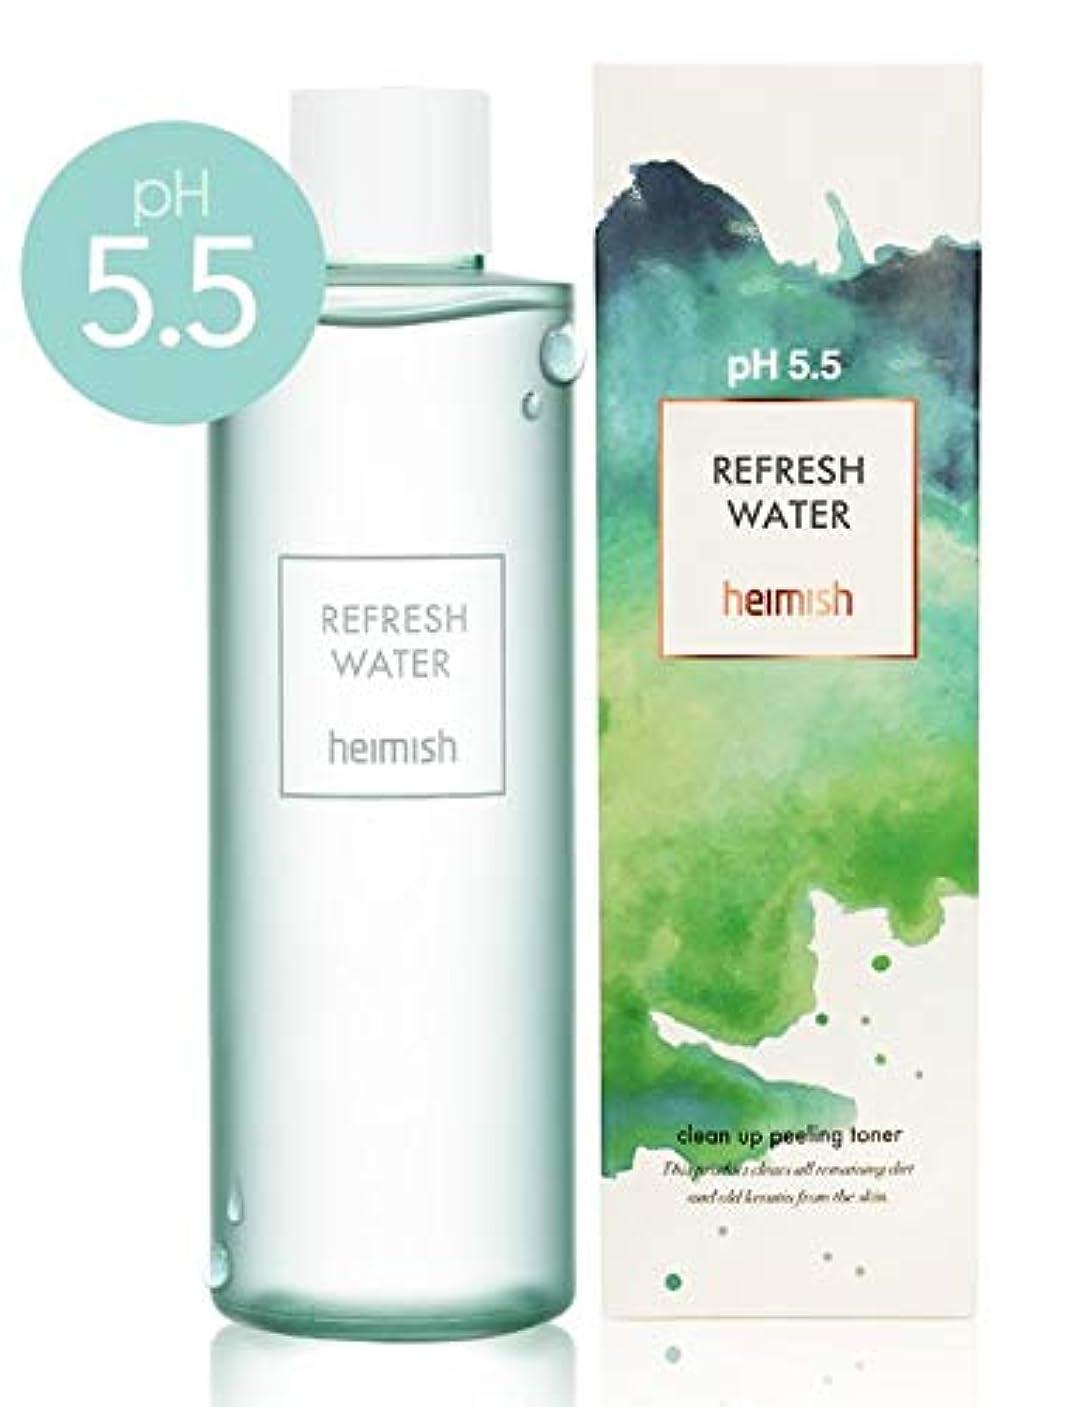 ジャンピングジャック感じホースHeimish pH5.5 Refresh Water/ヘイミッシュリフレッシュ ウォーター 250ml [並行輸入品]